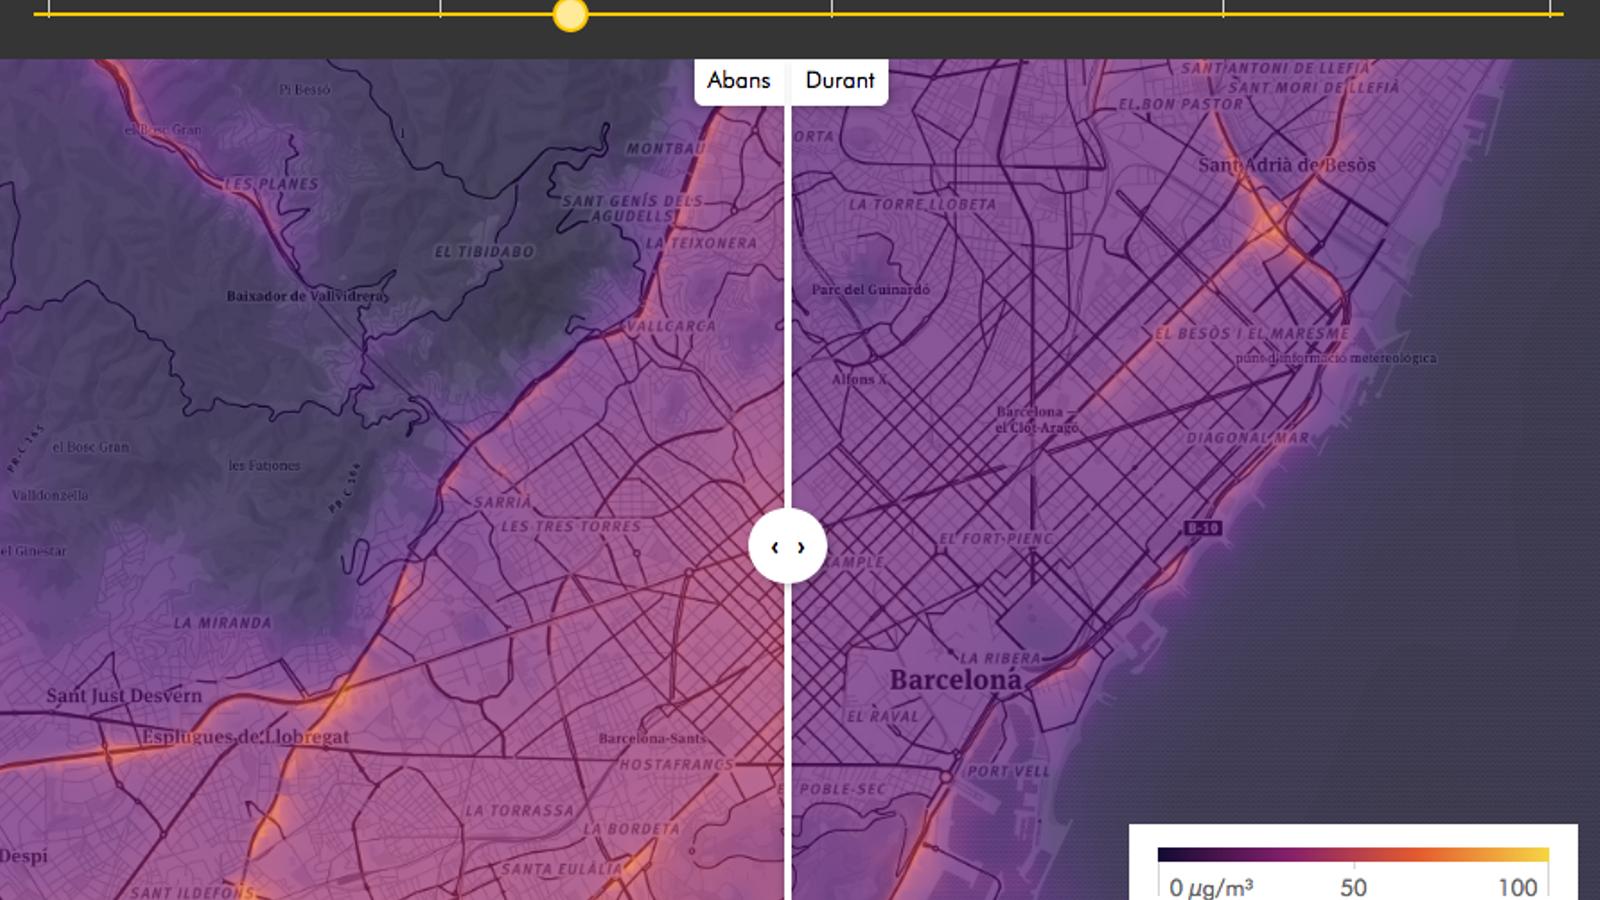 La contaminació a Barcelona abans i durant el confinament